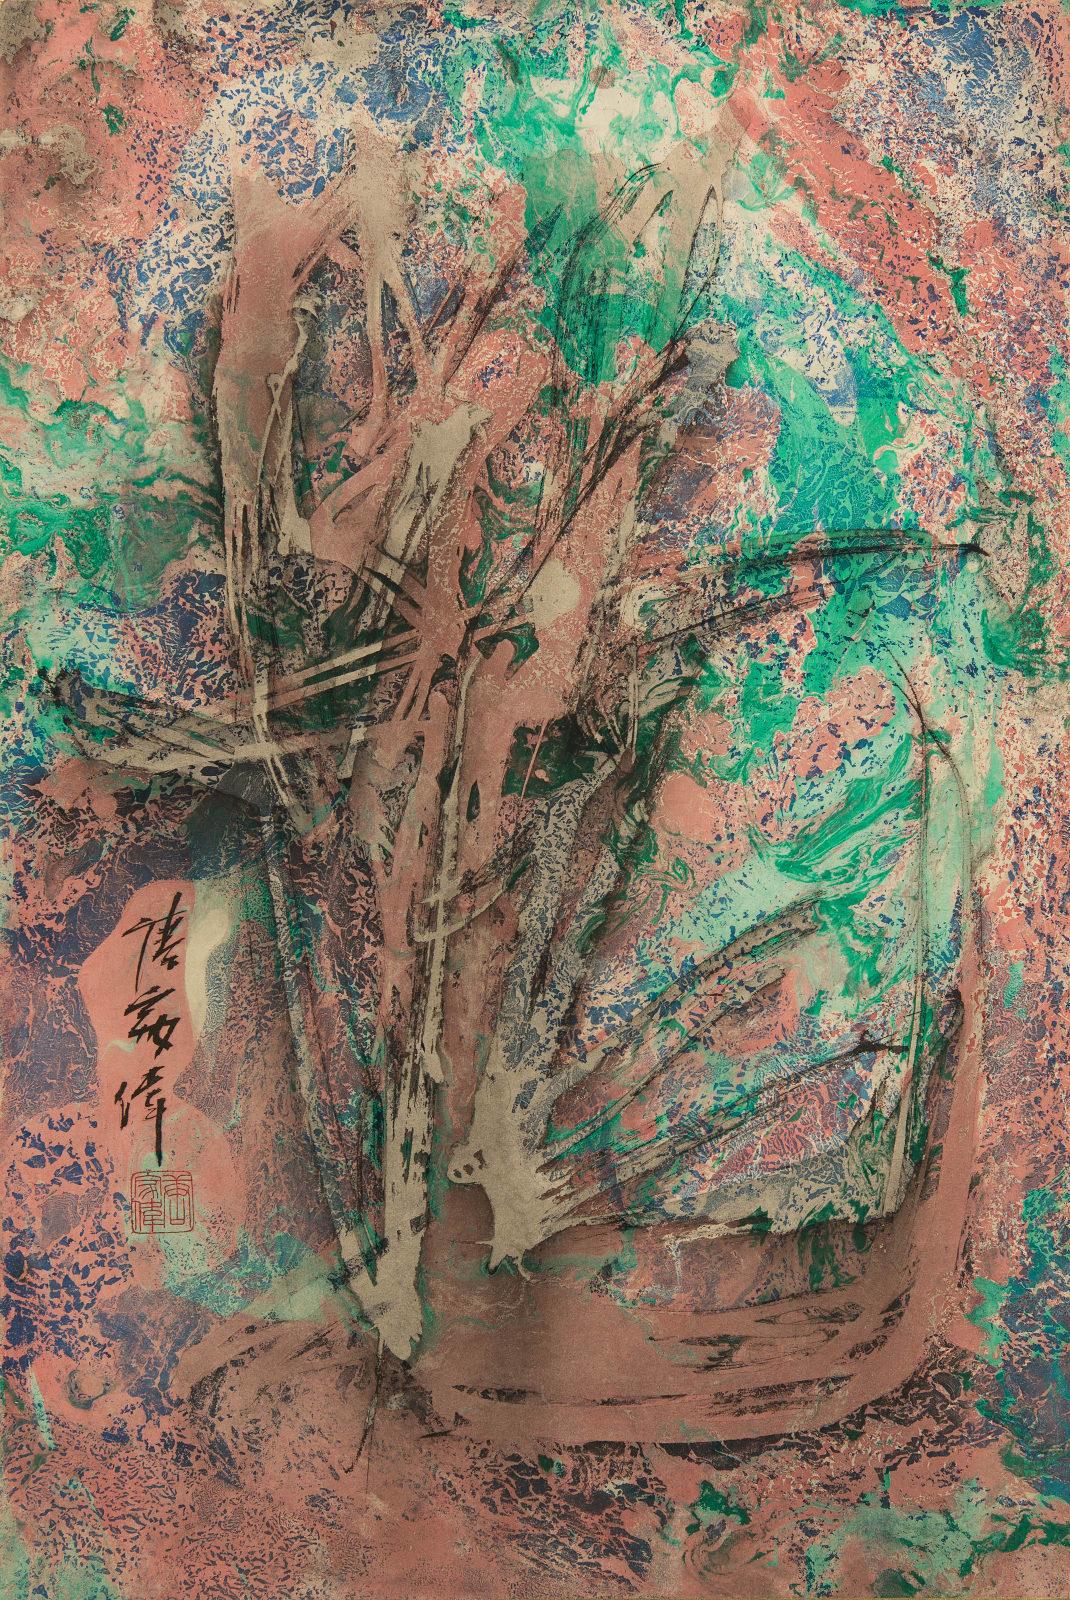 Wesley Tongson 唐家偉, Buddha Calligraphy 佛系書法 No. 1602, 1992